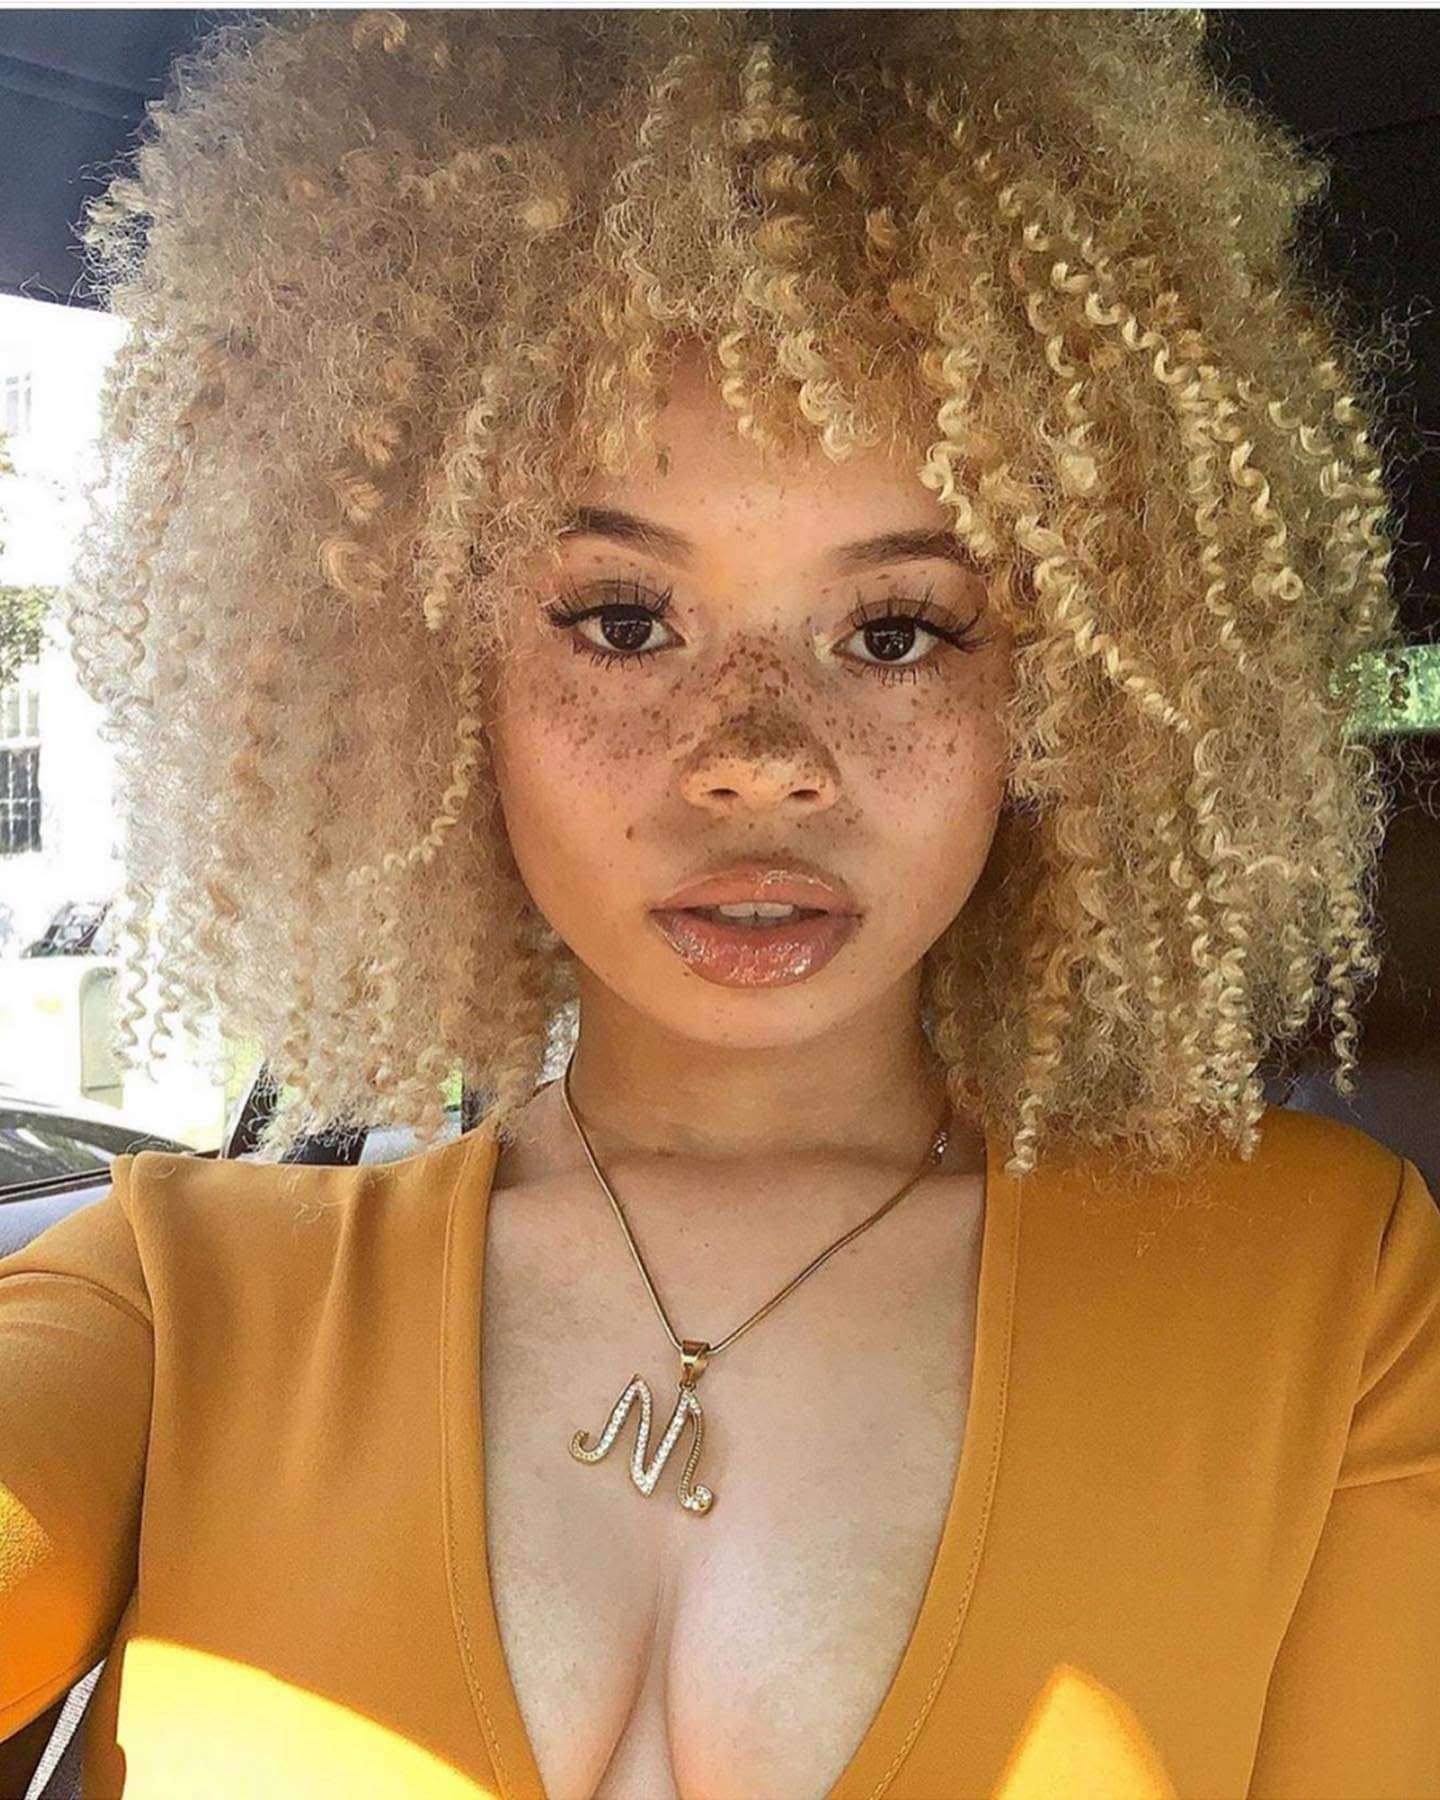 Over 40 Womens Christmas Hairstyle 2020 Pin by Cherri Ledbetter on hair in 2020 | Light skin girls, Black